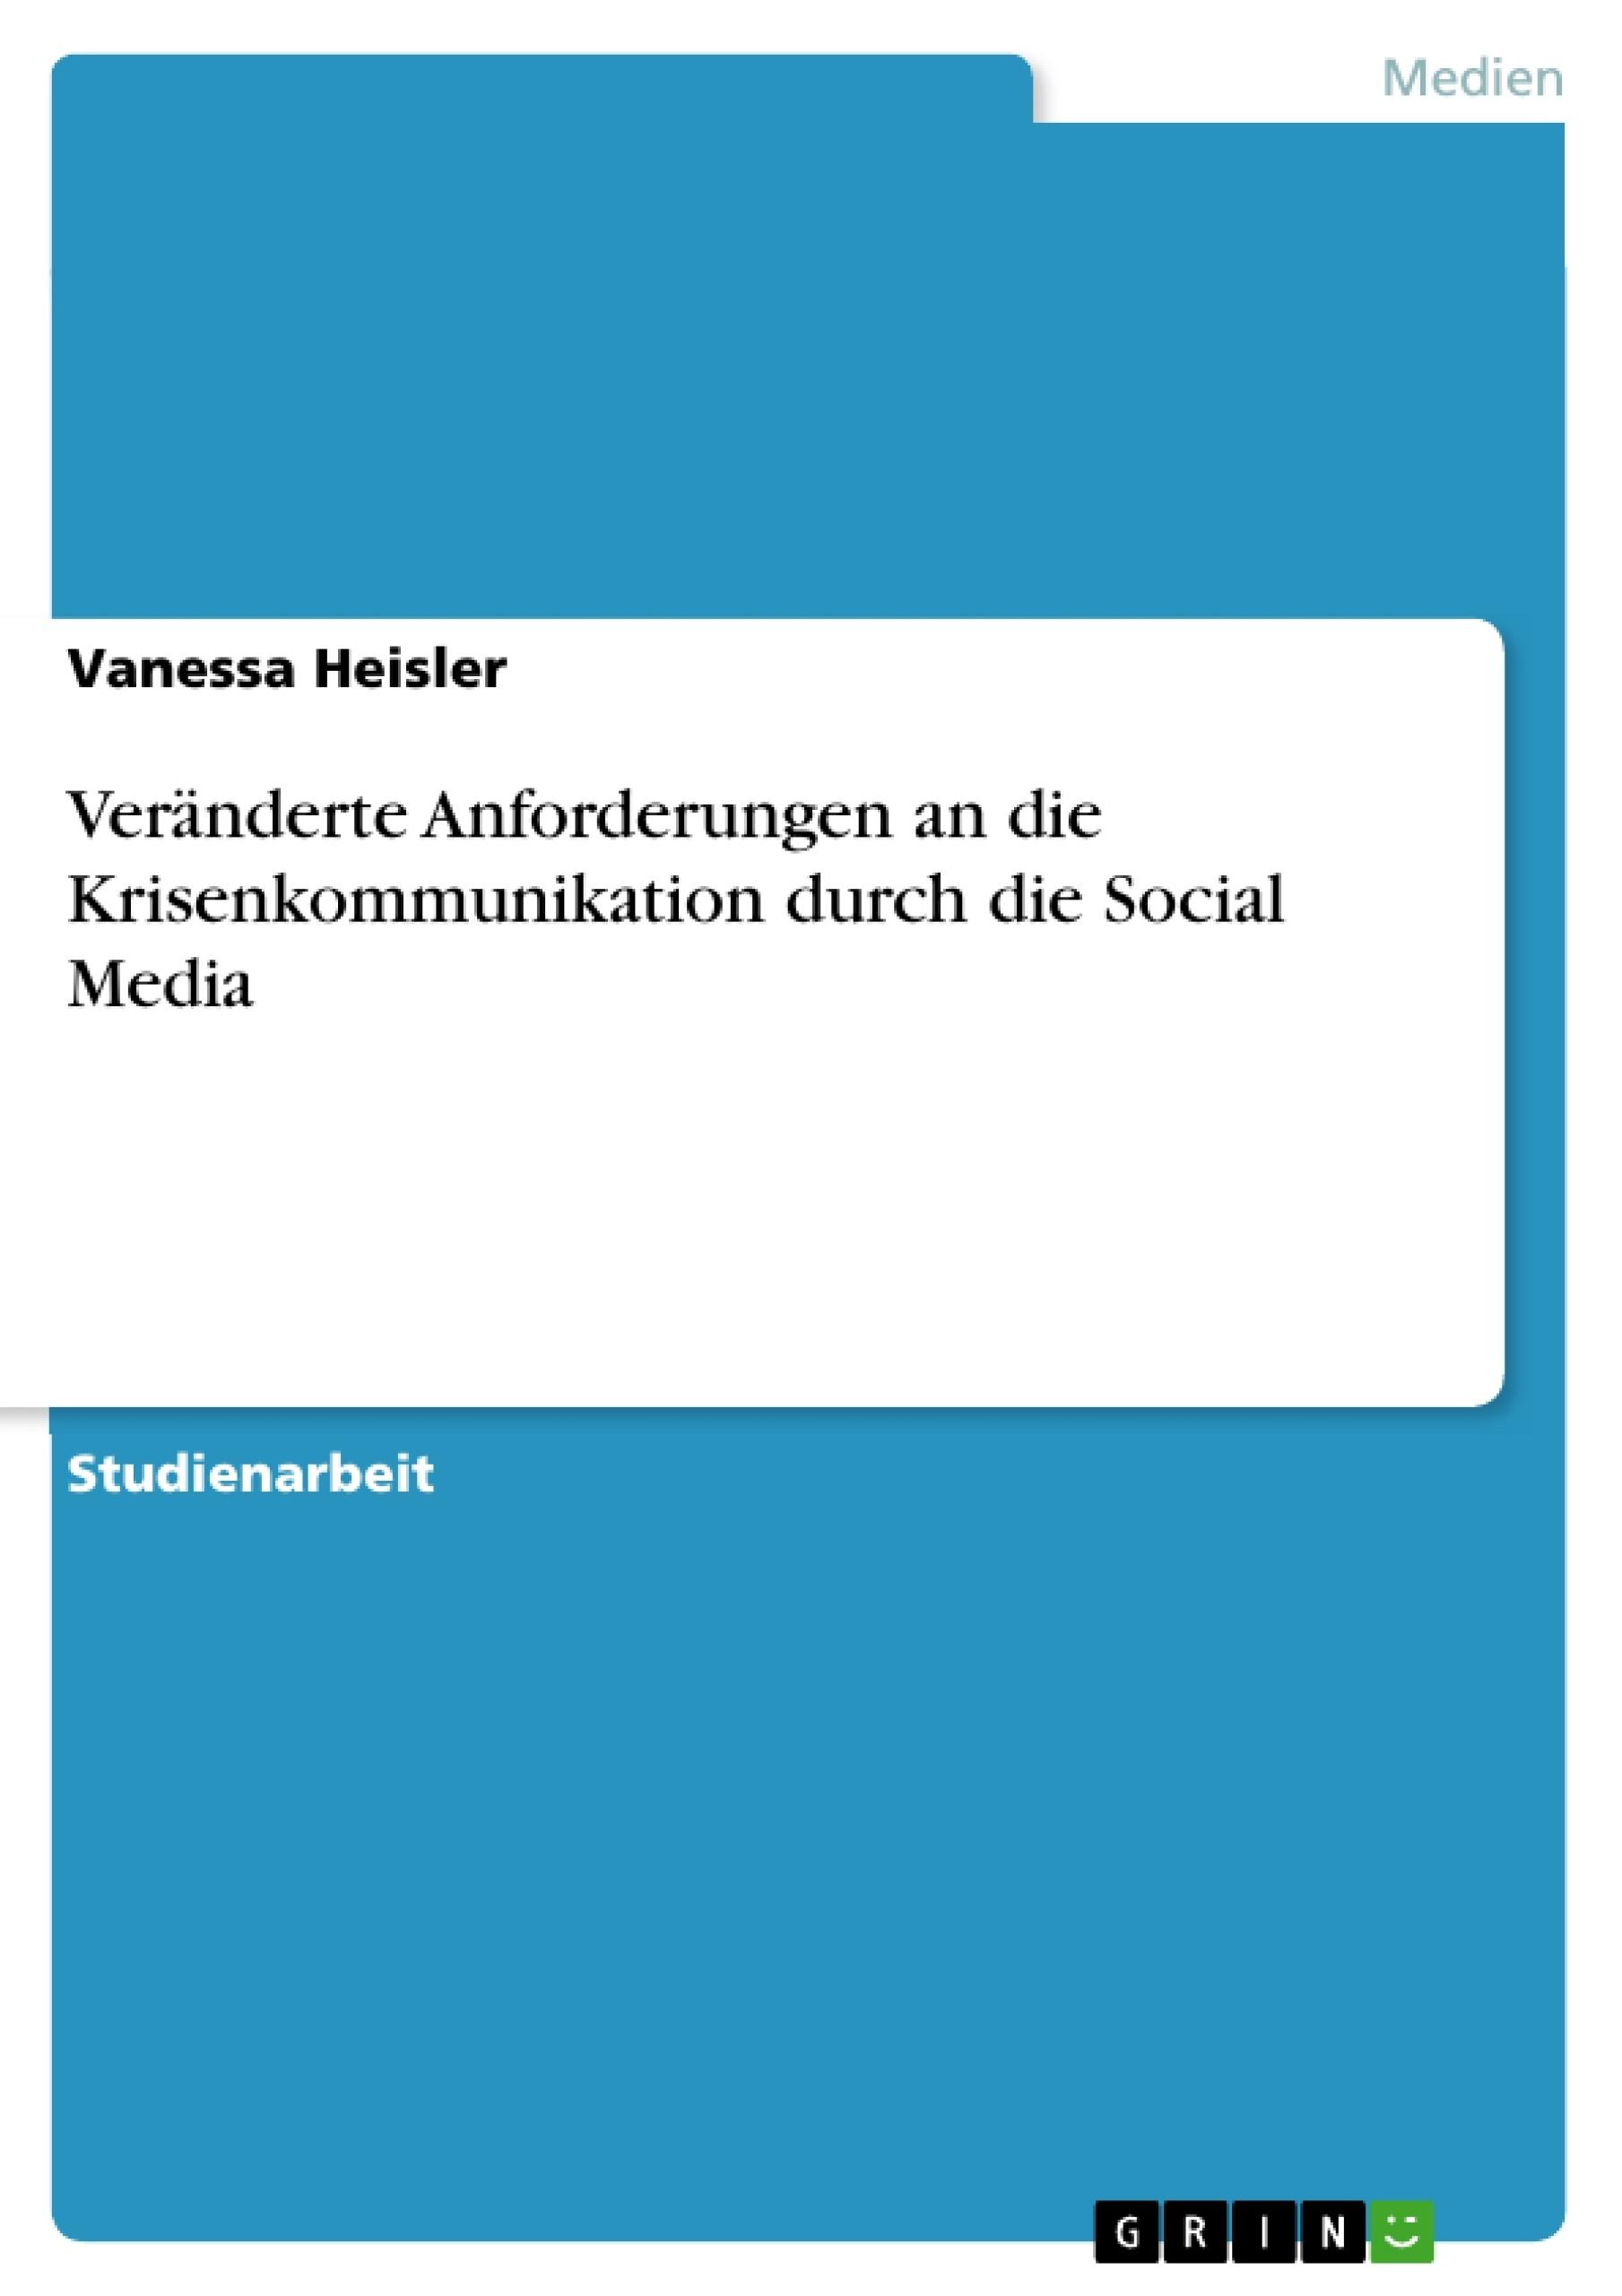 Titel: Veränderte Anforderungen an die Krisenkommunikation durch die Social Media